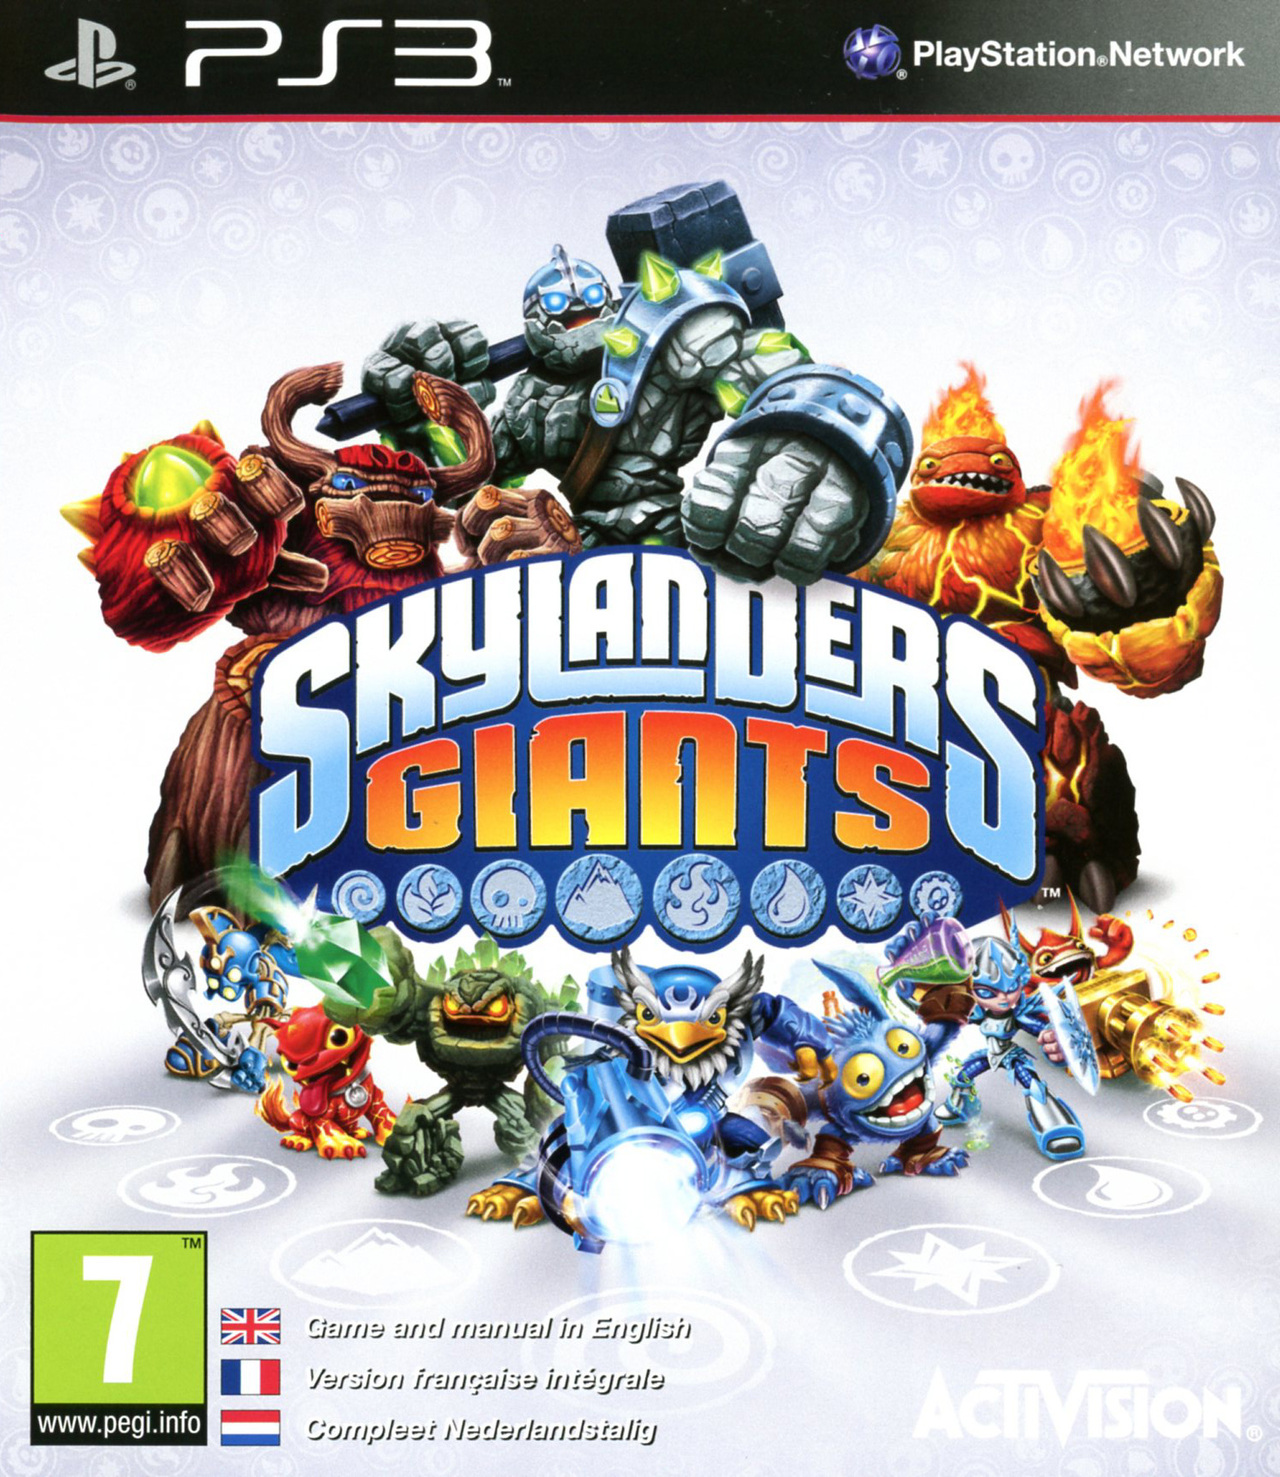 Skylanders giants sur playstation 3 - Tous les skylanders ...